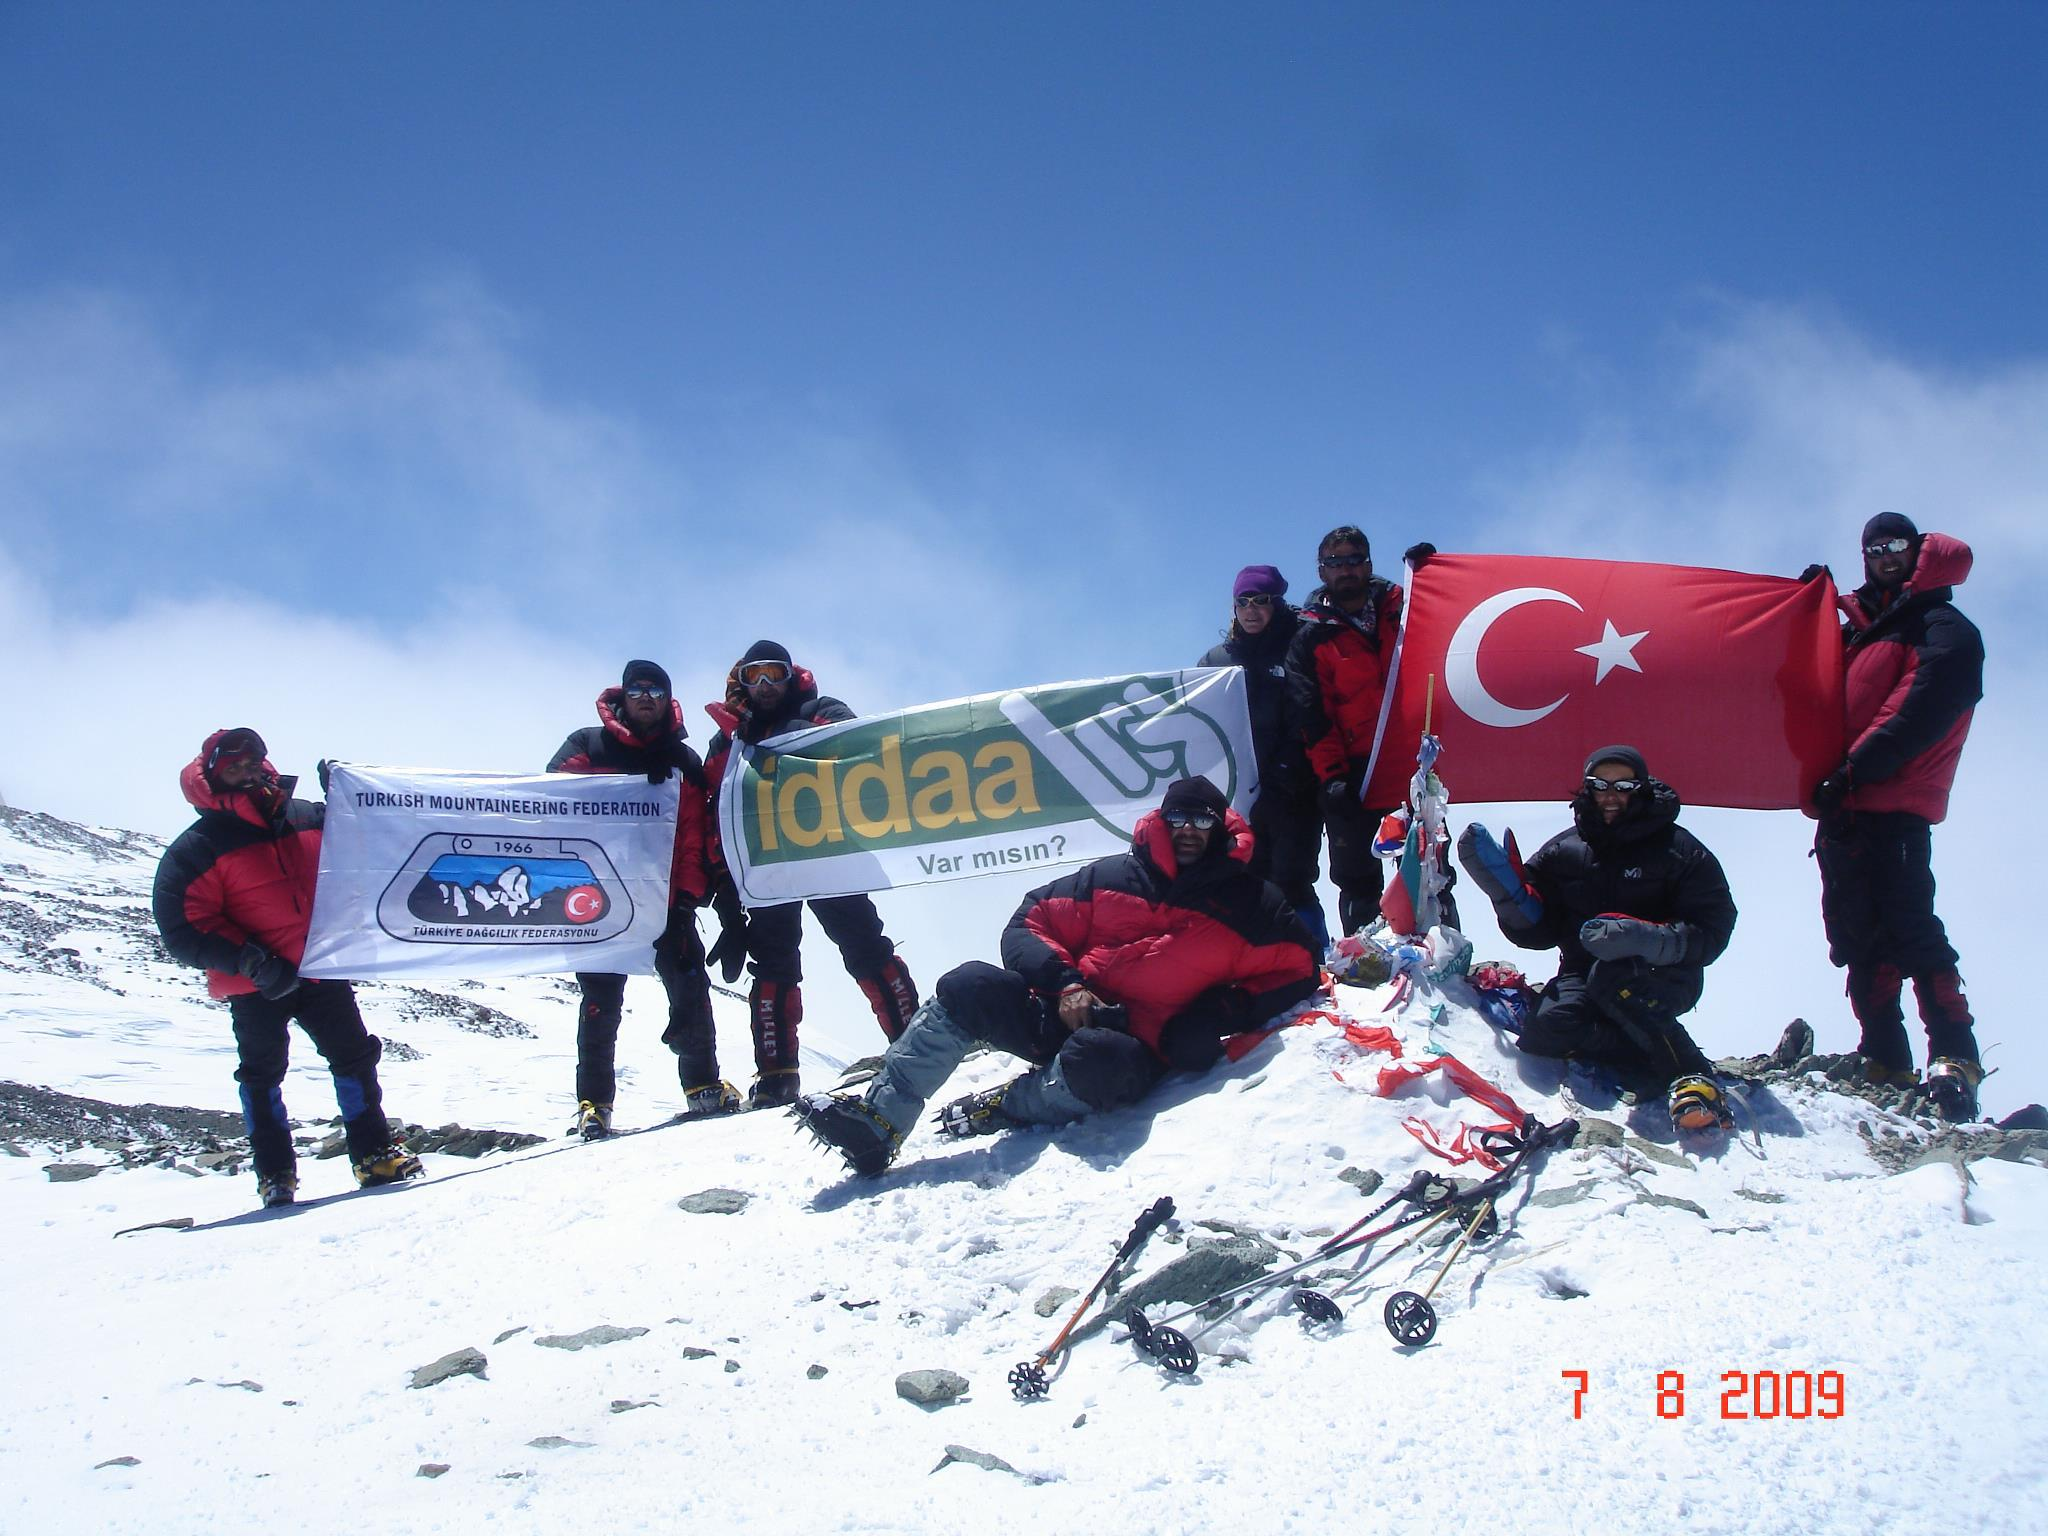 Türkiye Dağcılık Federasyonu 2009 Yüksek İrtifa Tırmanış Milli Takımı - Peak Lenin 7105m